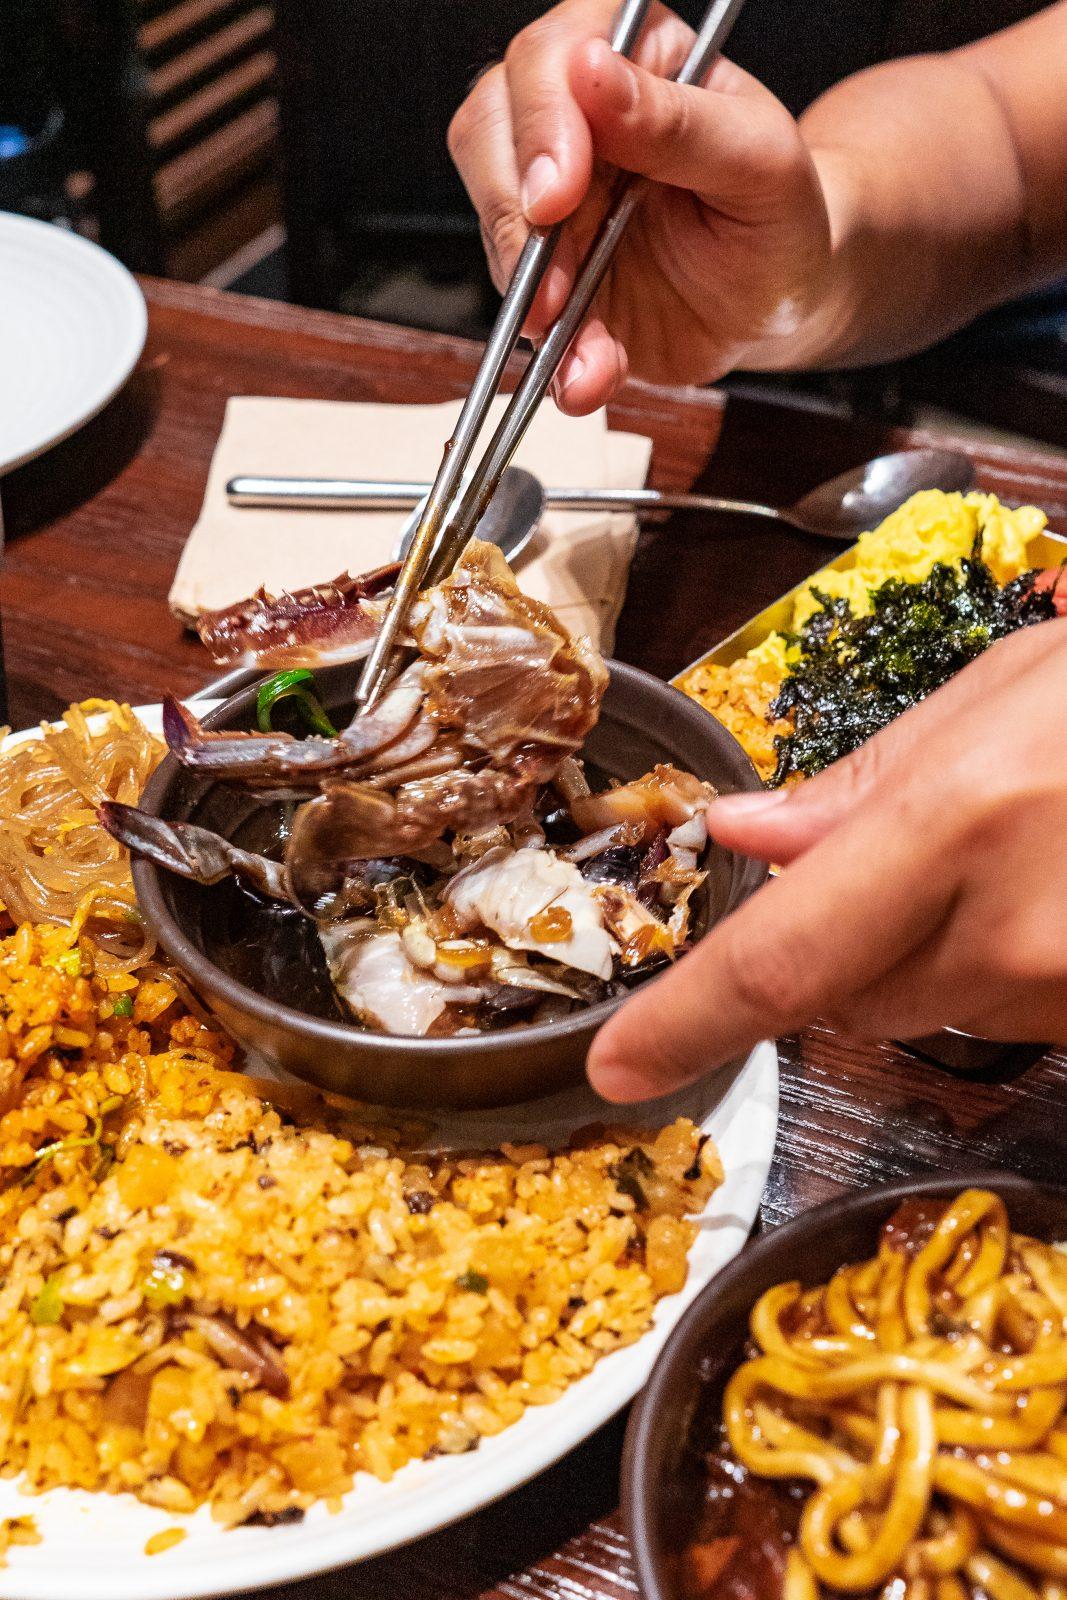 Makan Kepiting Mentah!?  Ini dia lanjutan Trip Kulineran di Korea Selatan Trip (Part II) 2